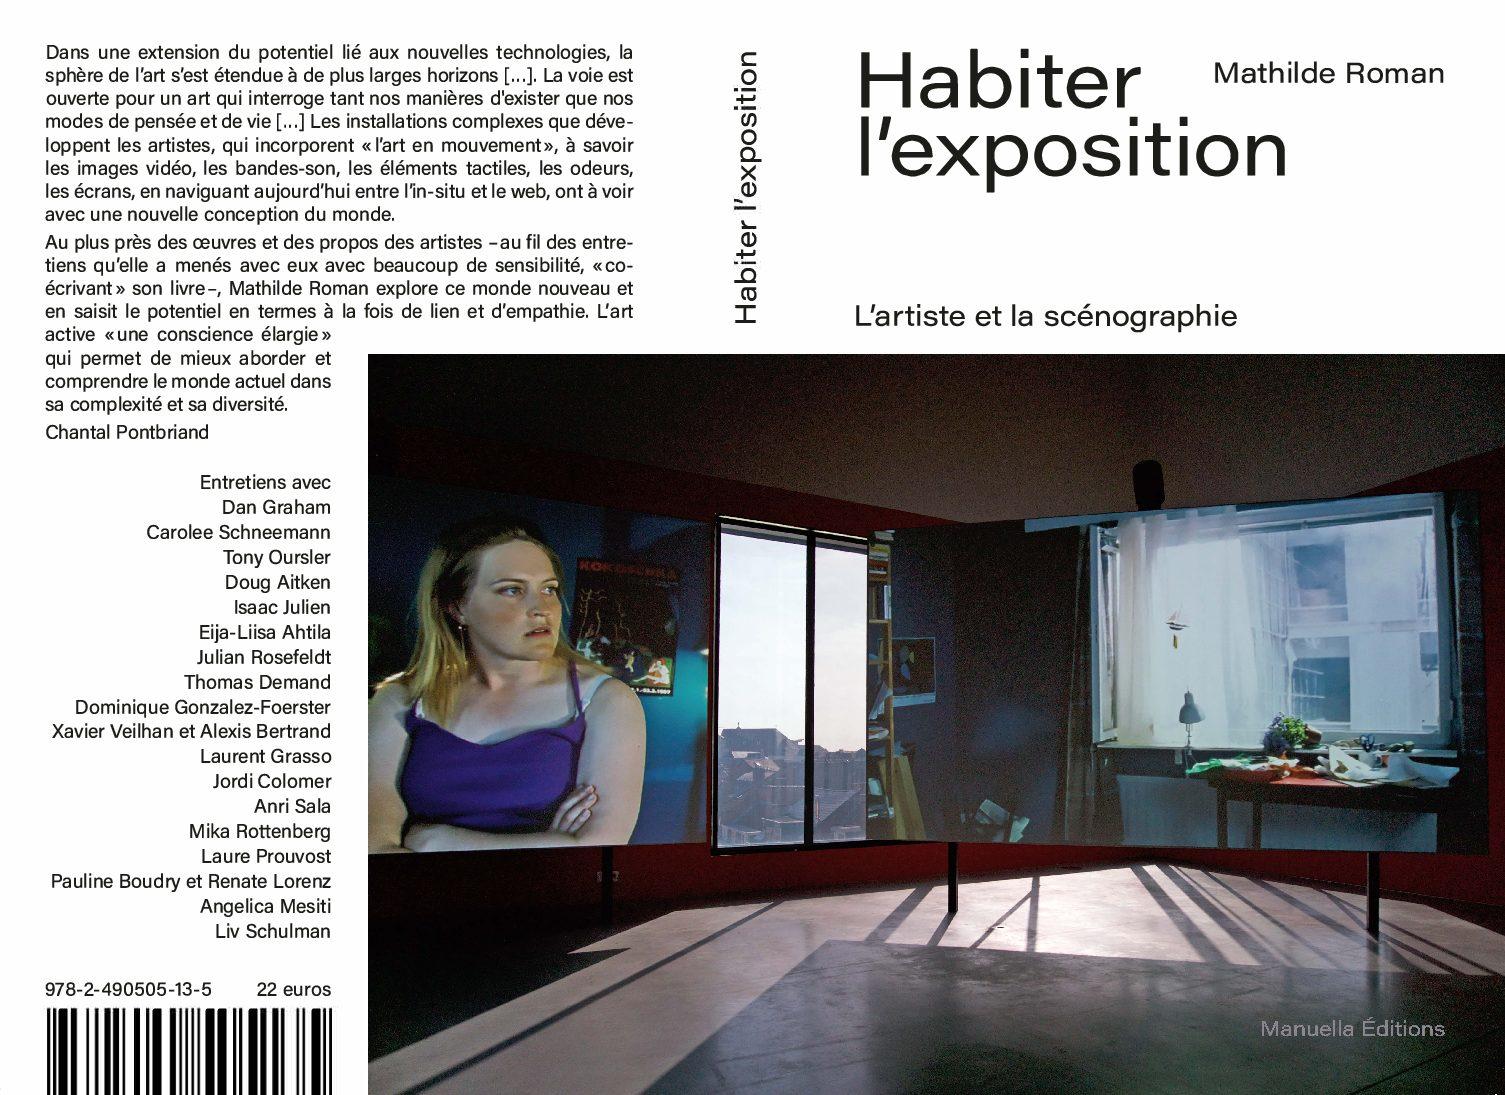 Parution de «Habiter l'exposition. L'artiste et la scénographie», éditions Manuella